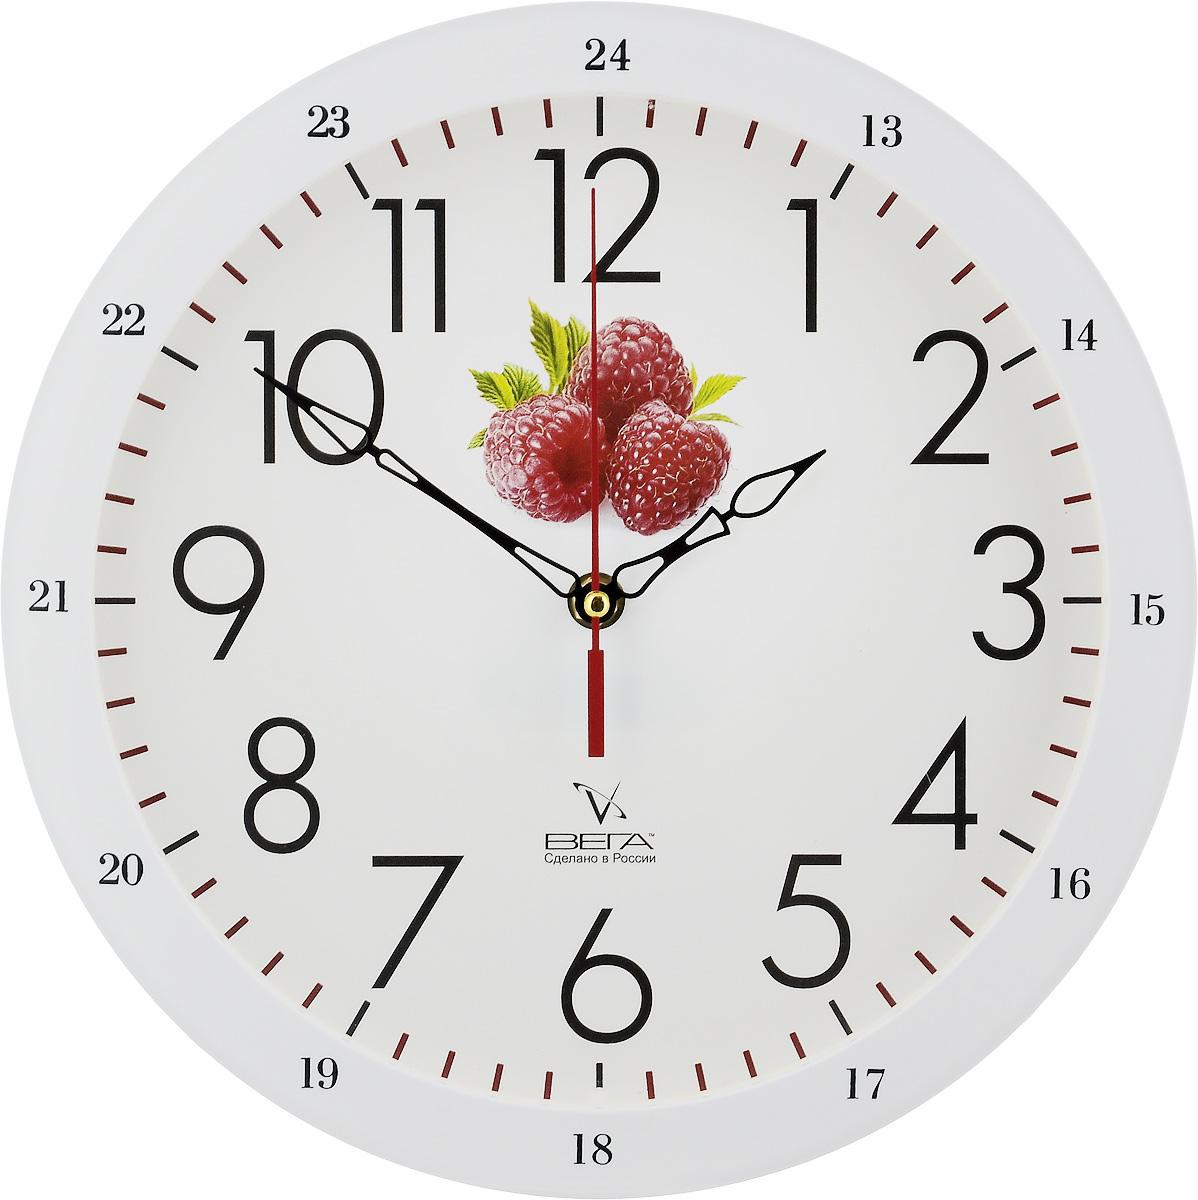 Часы настенные Вега Классика с малиной, диаметр 28,5 смП1-7619/7-31Настенные кварцевые часы Вега Классика с малиной, изготовленные из пластика, прекрасно впишутся в интерьервашего дома. Круглые часы имеют три стрелки: часовую,минутную и секундную, циферблат защищен прозрачным стеклом.Часы работают от 1 батарейки типа АА напряжением 1,5 В (не входит в комплект).Диаметр часов: 28,5 см.